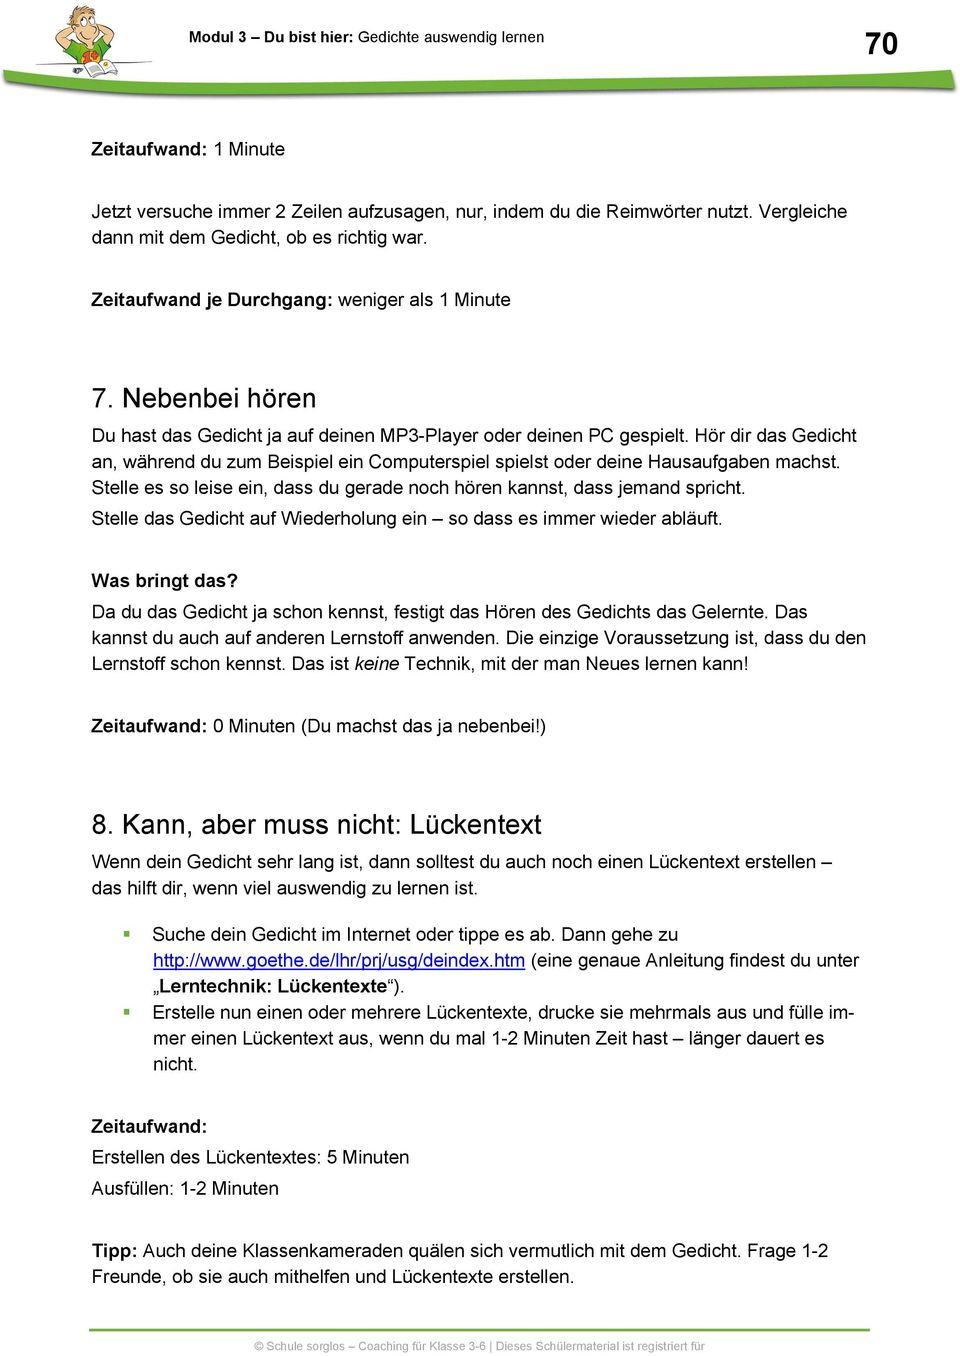 Gedichte Auswendig Lernen - Pdf Free Download für Gedichte Zum Auswendig Lernen 5 Klasse